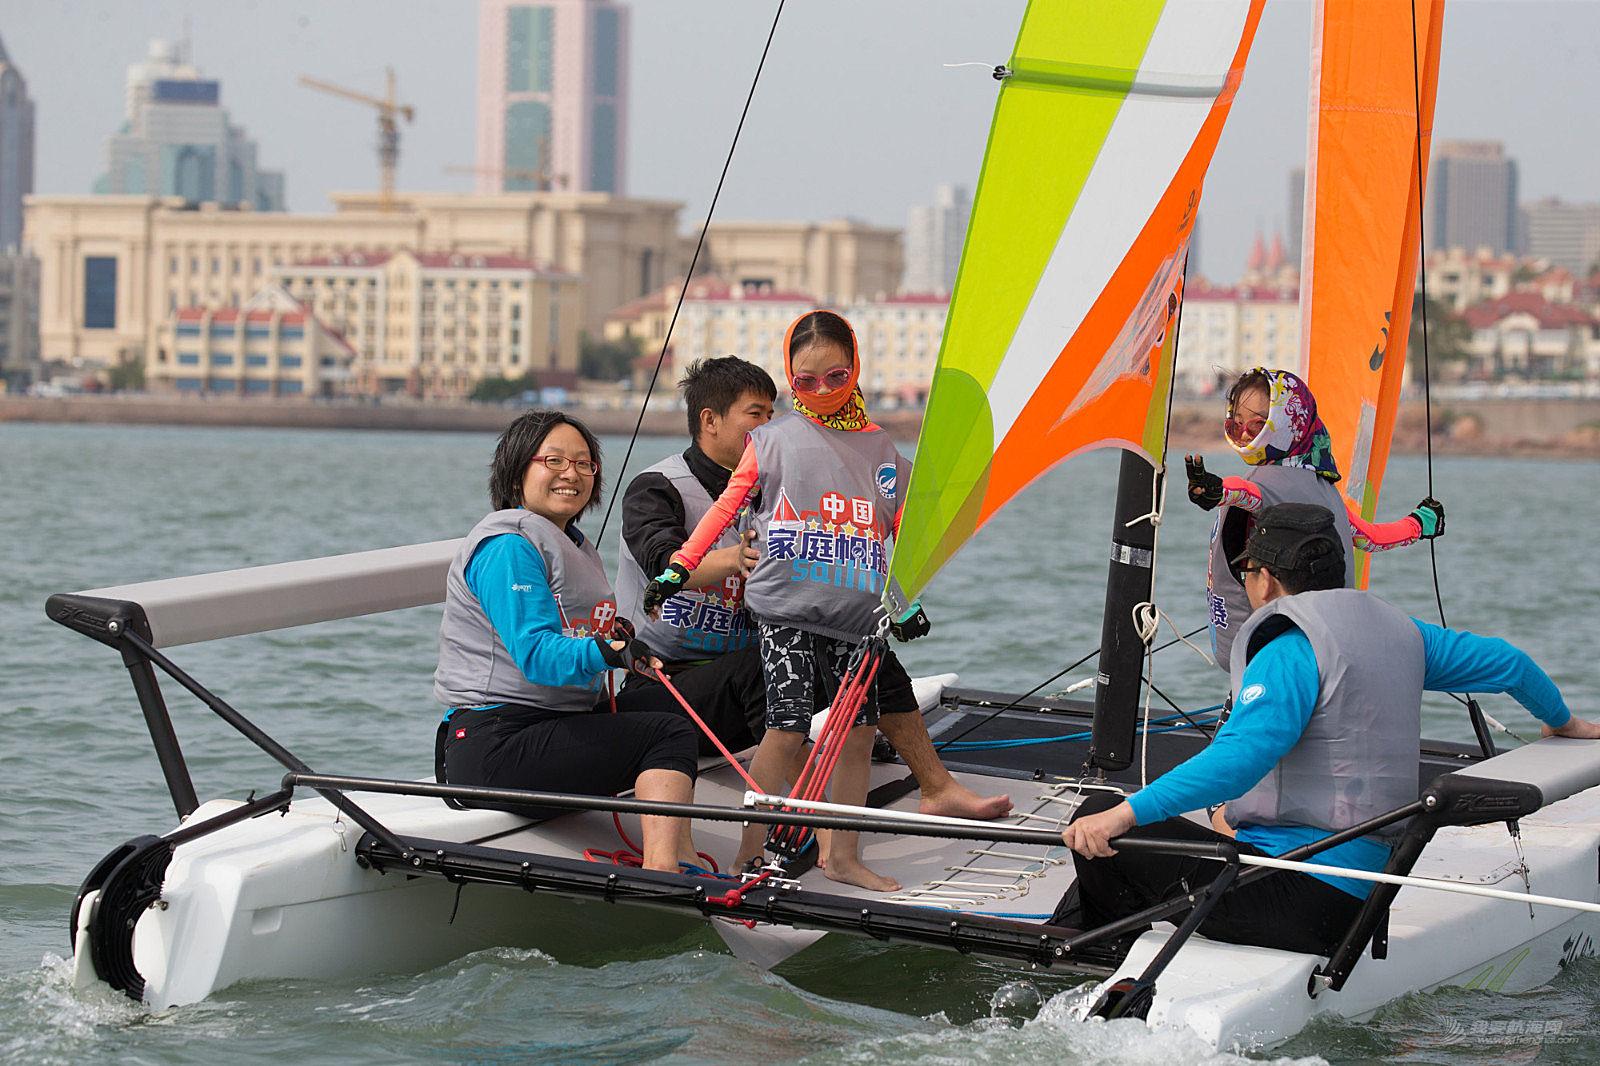 中国家庭帆船赛温馨故事之7岁双胞胎姐妹的欢乐扬帆之旅